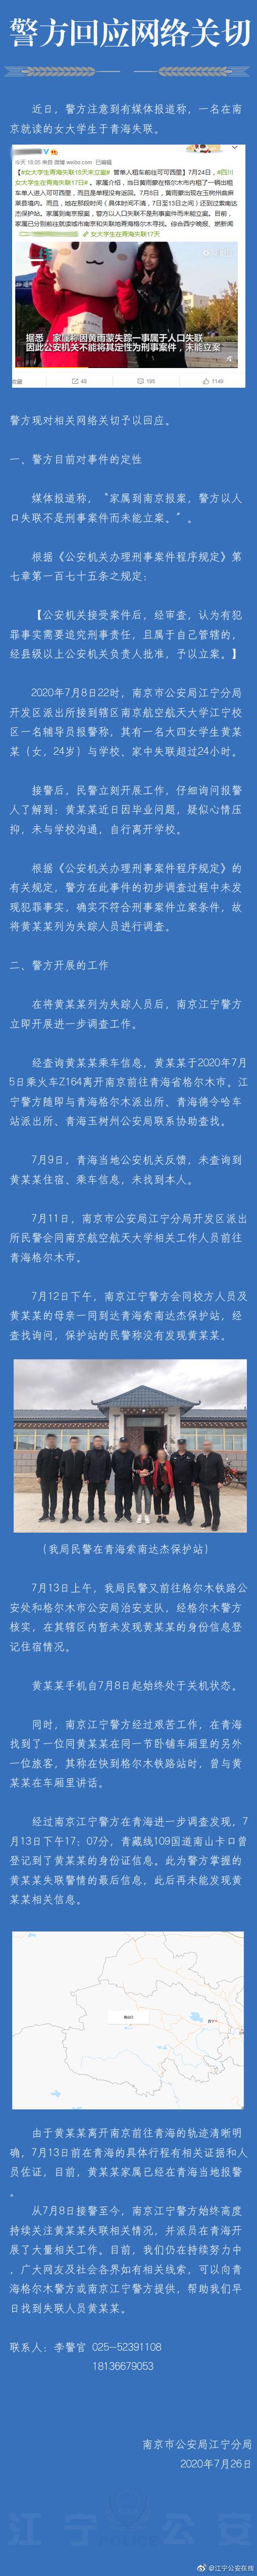 【百度搜索优化】_女大学生青海失联近20天有何新线索?为何未立案?南京警方通报